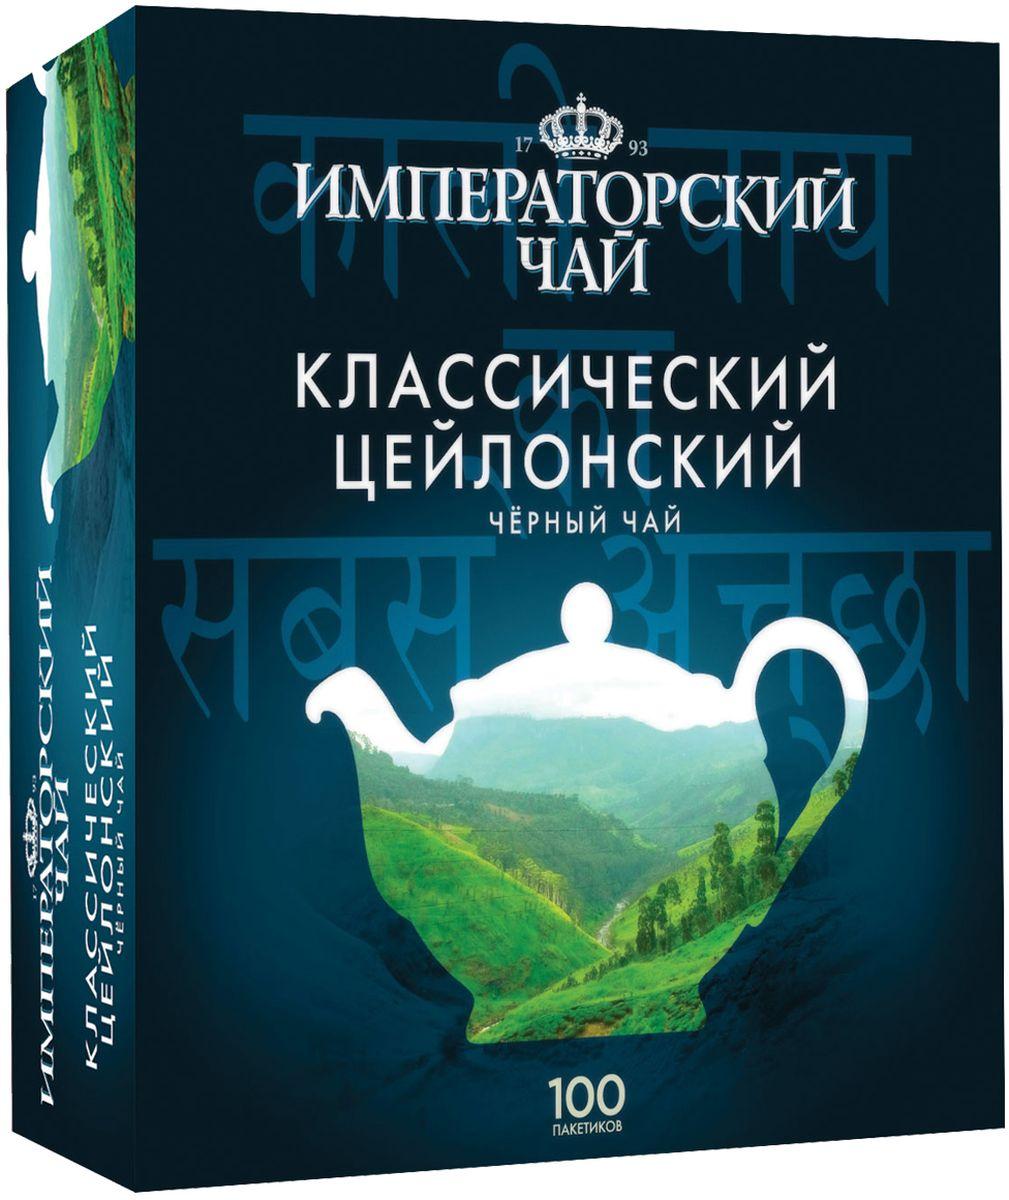 Императорский чай Классический цейлонский, 100 шт фруктовый чай императорский сад